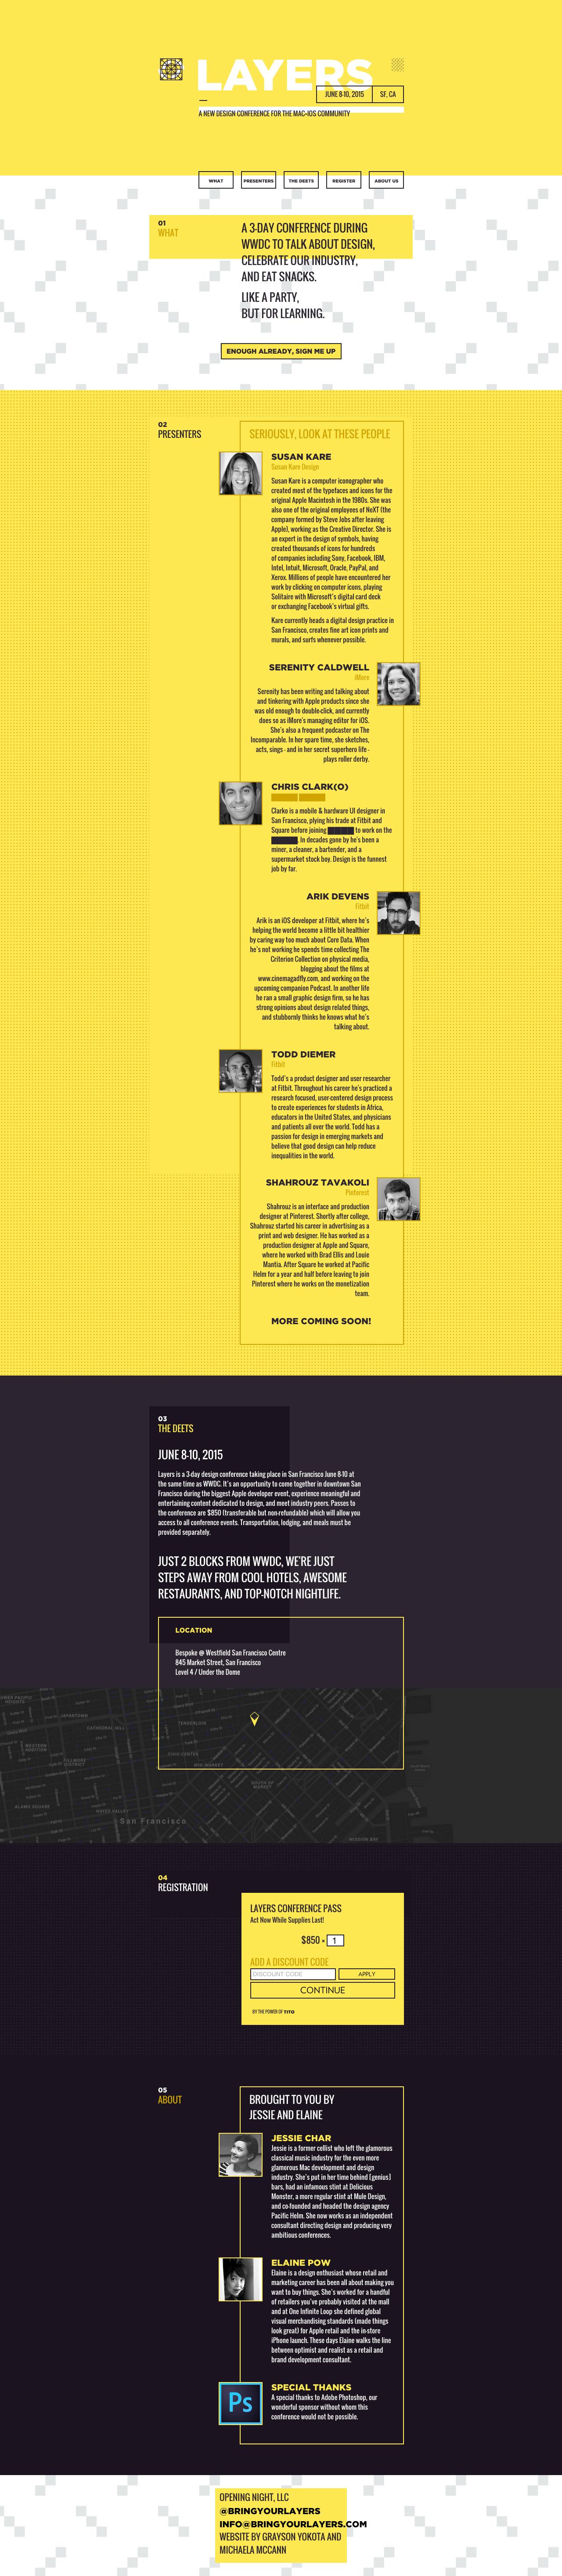 Layers Website Screenshot